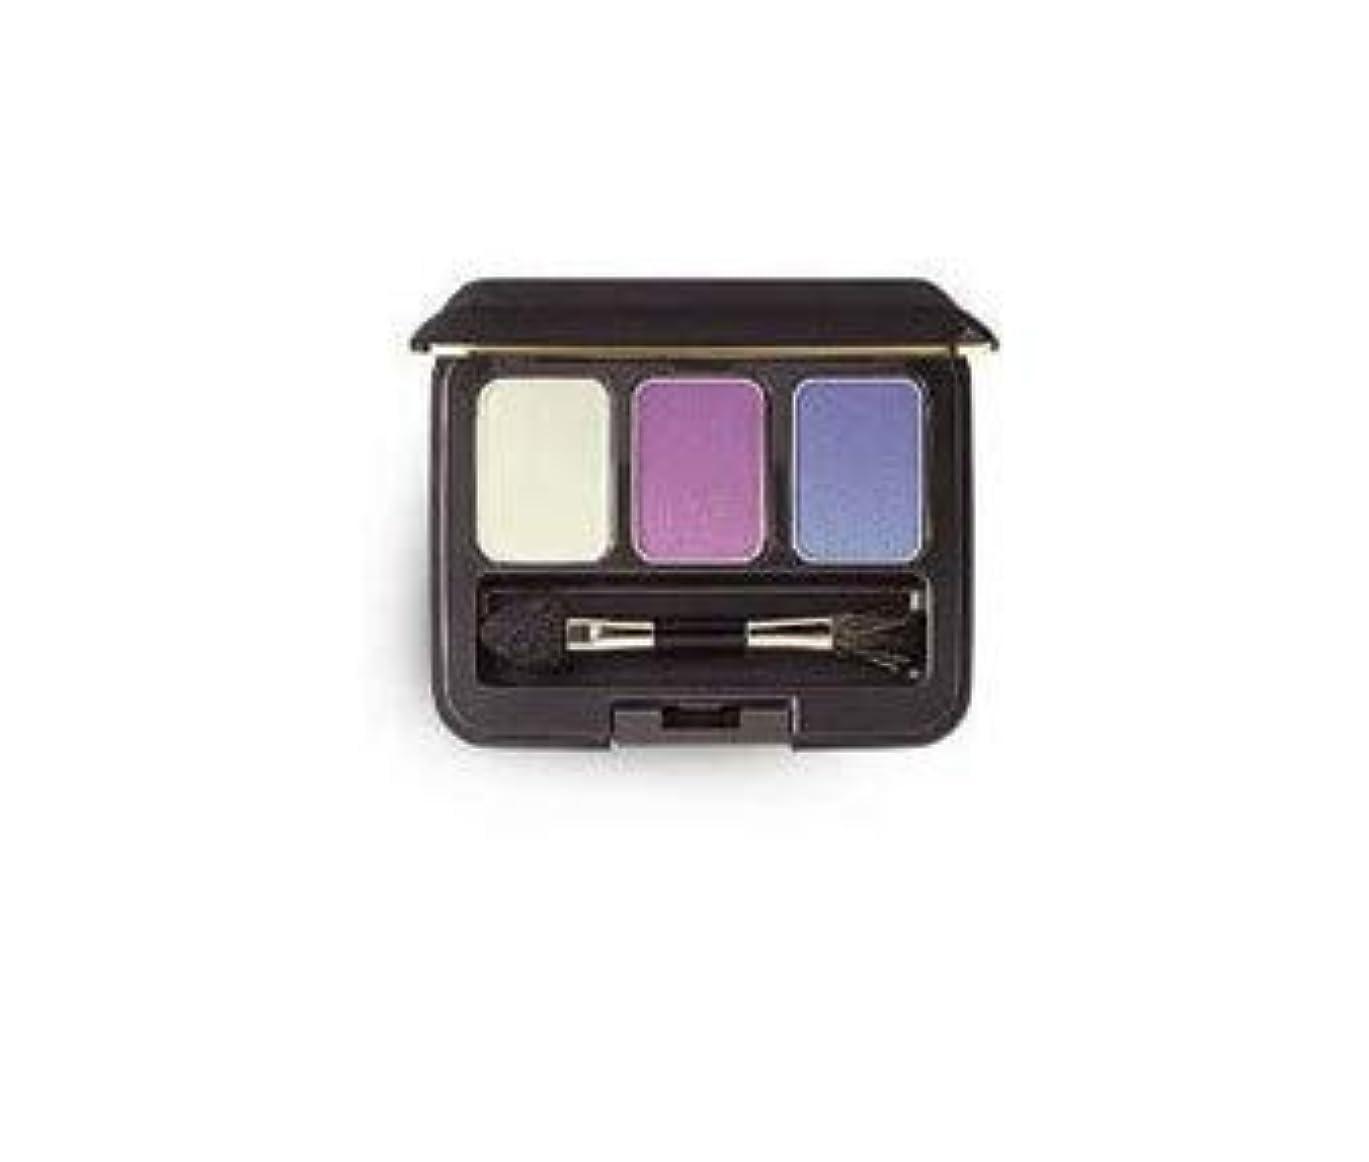 必要性モールカプセルリマナチュラル LIMANATURAL ピュアアイカラー アイシャドウ 化粧 メイクアップ オーガニック マクロビオテック ナチュラル化粧品 自然派 (E-225)